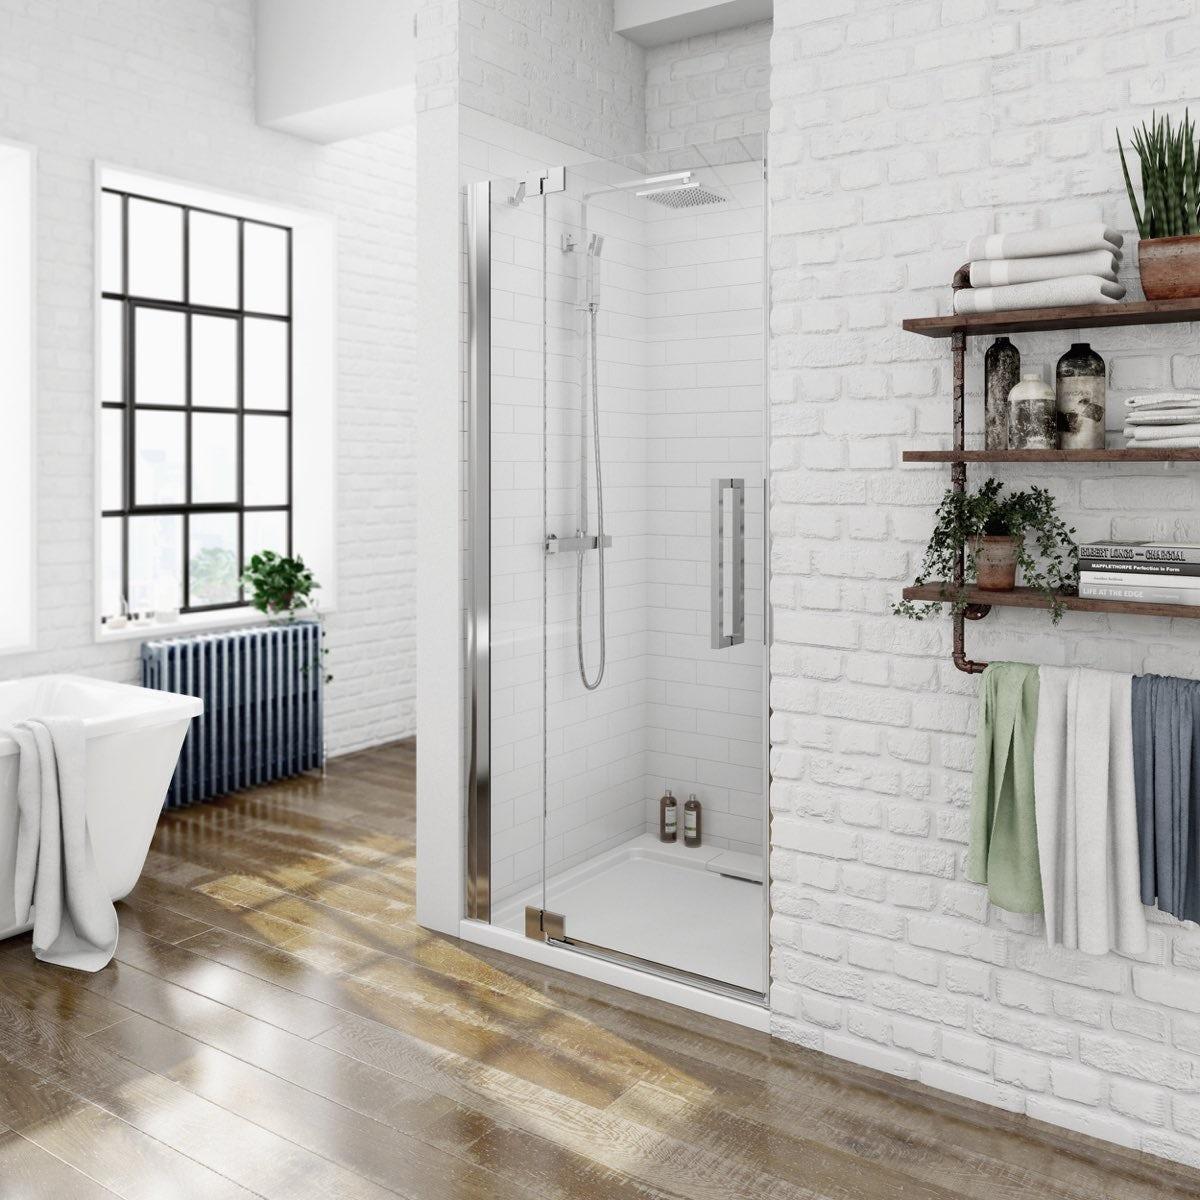 Mode luxury 8mm left handed frameless hinged shower door priced to clear v8 8mm frameless hinged shower door 760 lh vtopaller Gallery